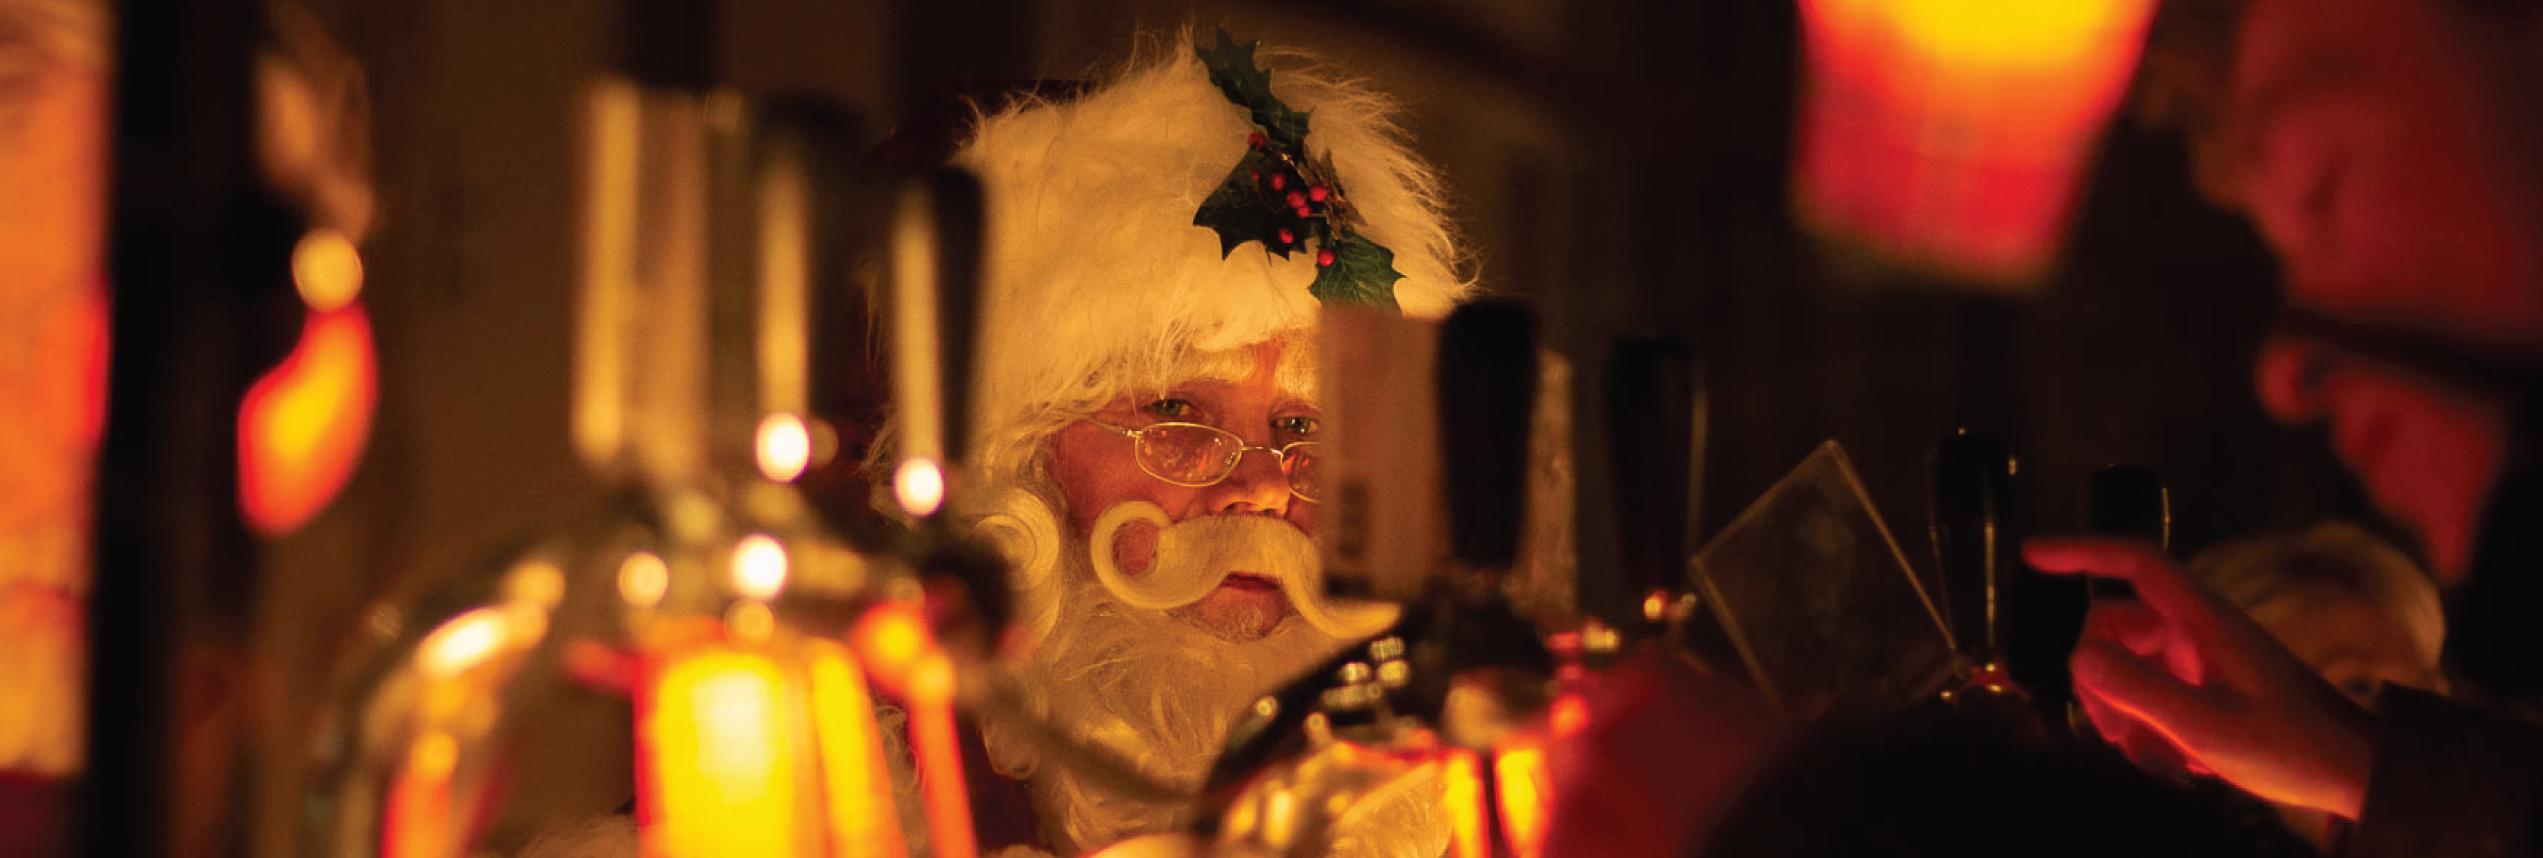 kerstman kerstmarkt Groningen